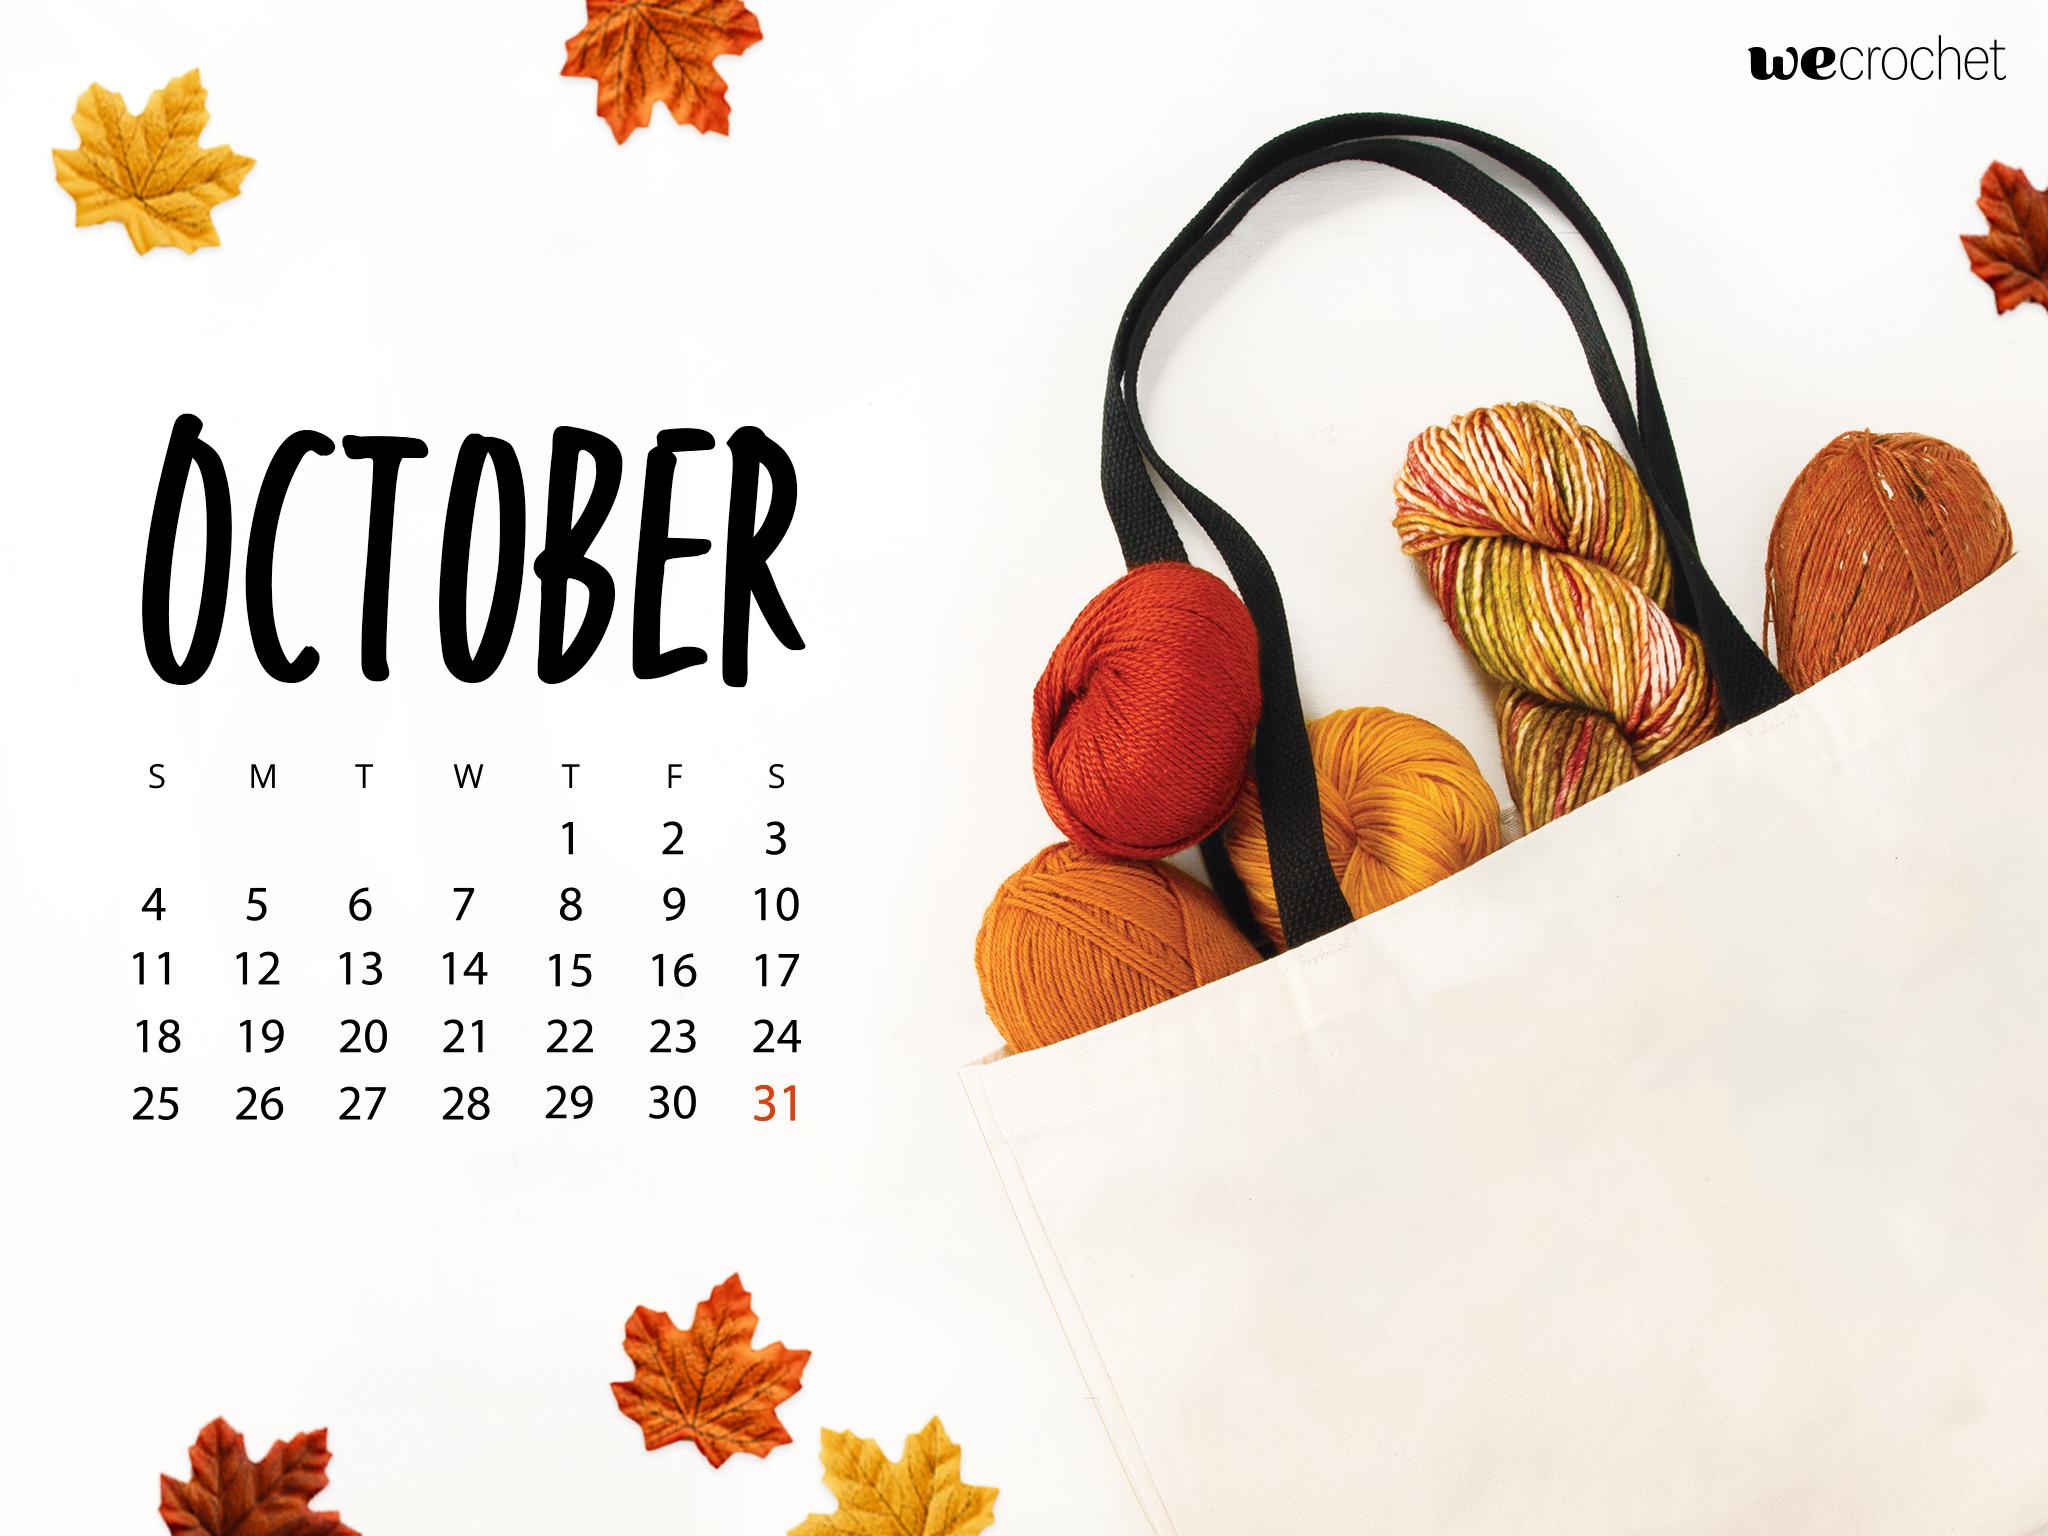 FREE DOWNLOAD OCTOBER 2020 CALENDAR WALLPAPER   WeCrochet Staff Blog 2048x1536